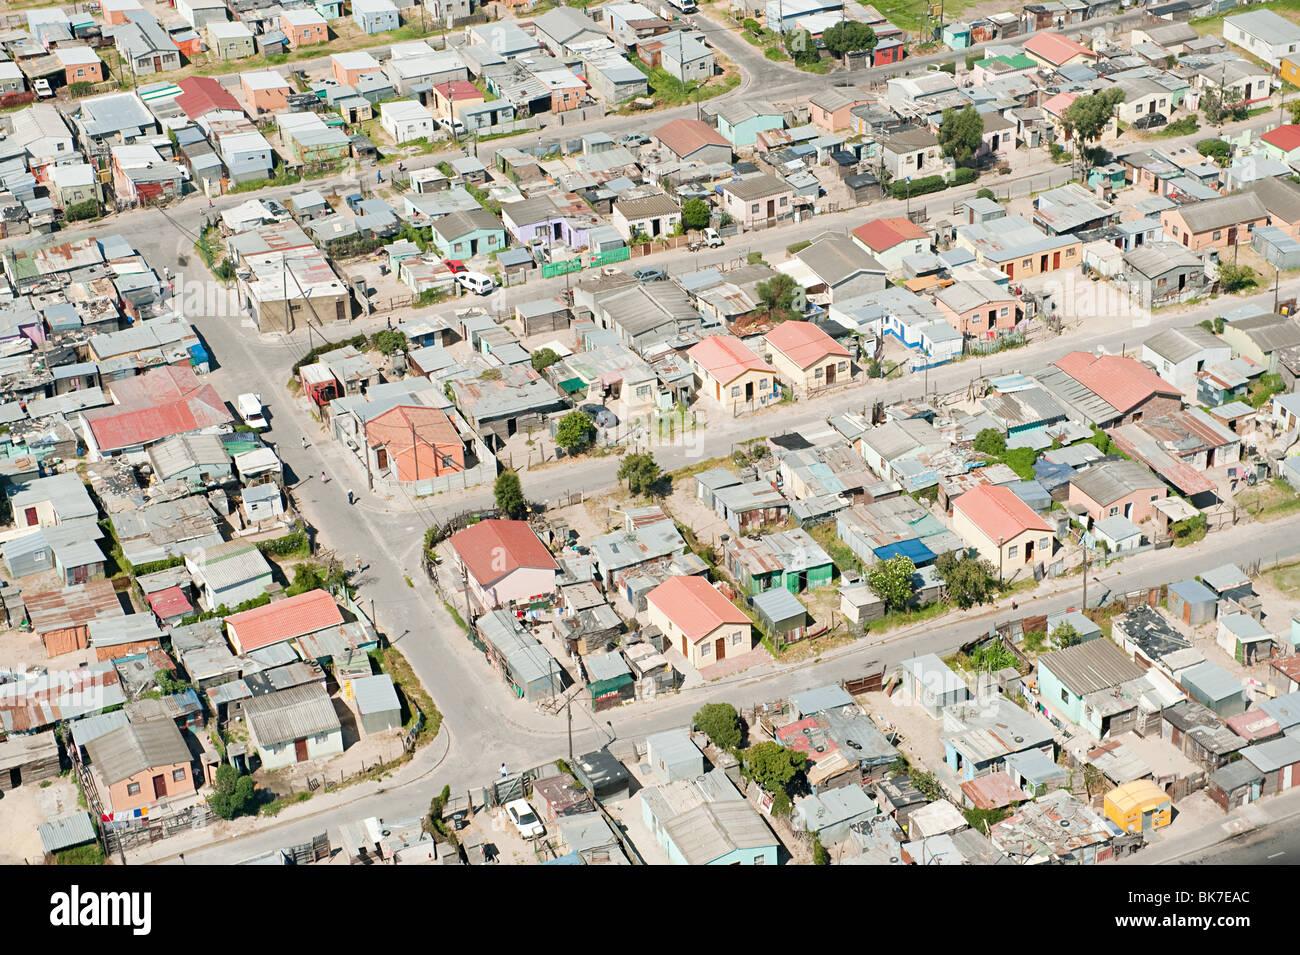 Vista aérea del poblado de chabolas de Cape Town Imagen De Stock